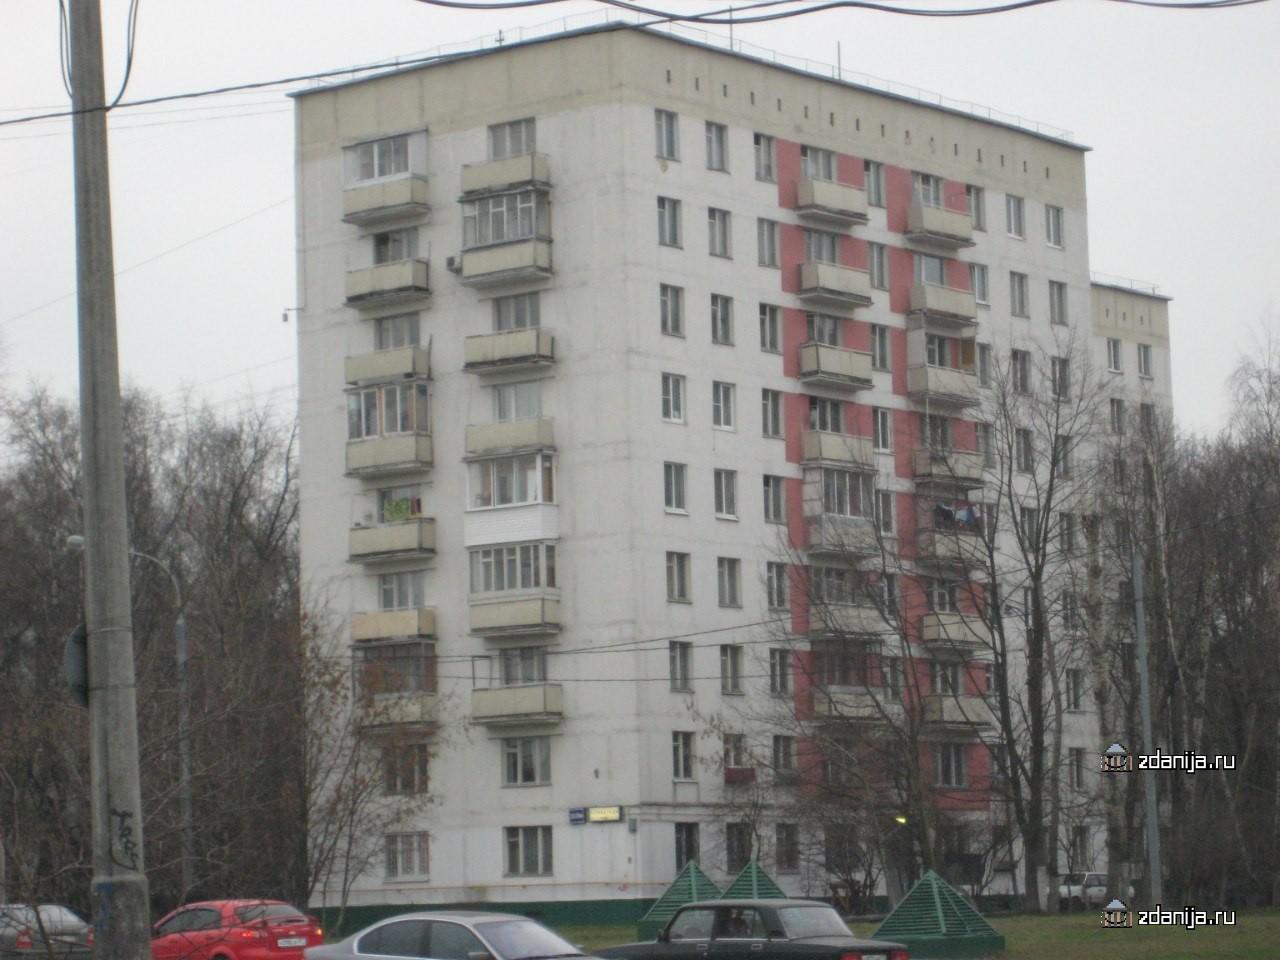 Москва, улица гарибальди, дом 20/29, корпус 2, серия ii-18-0.